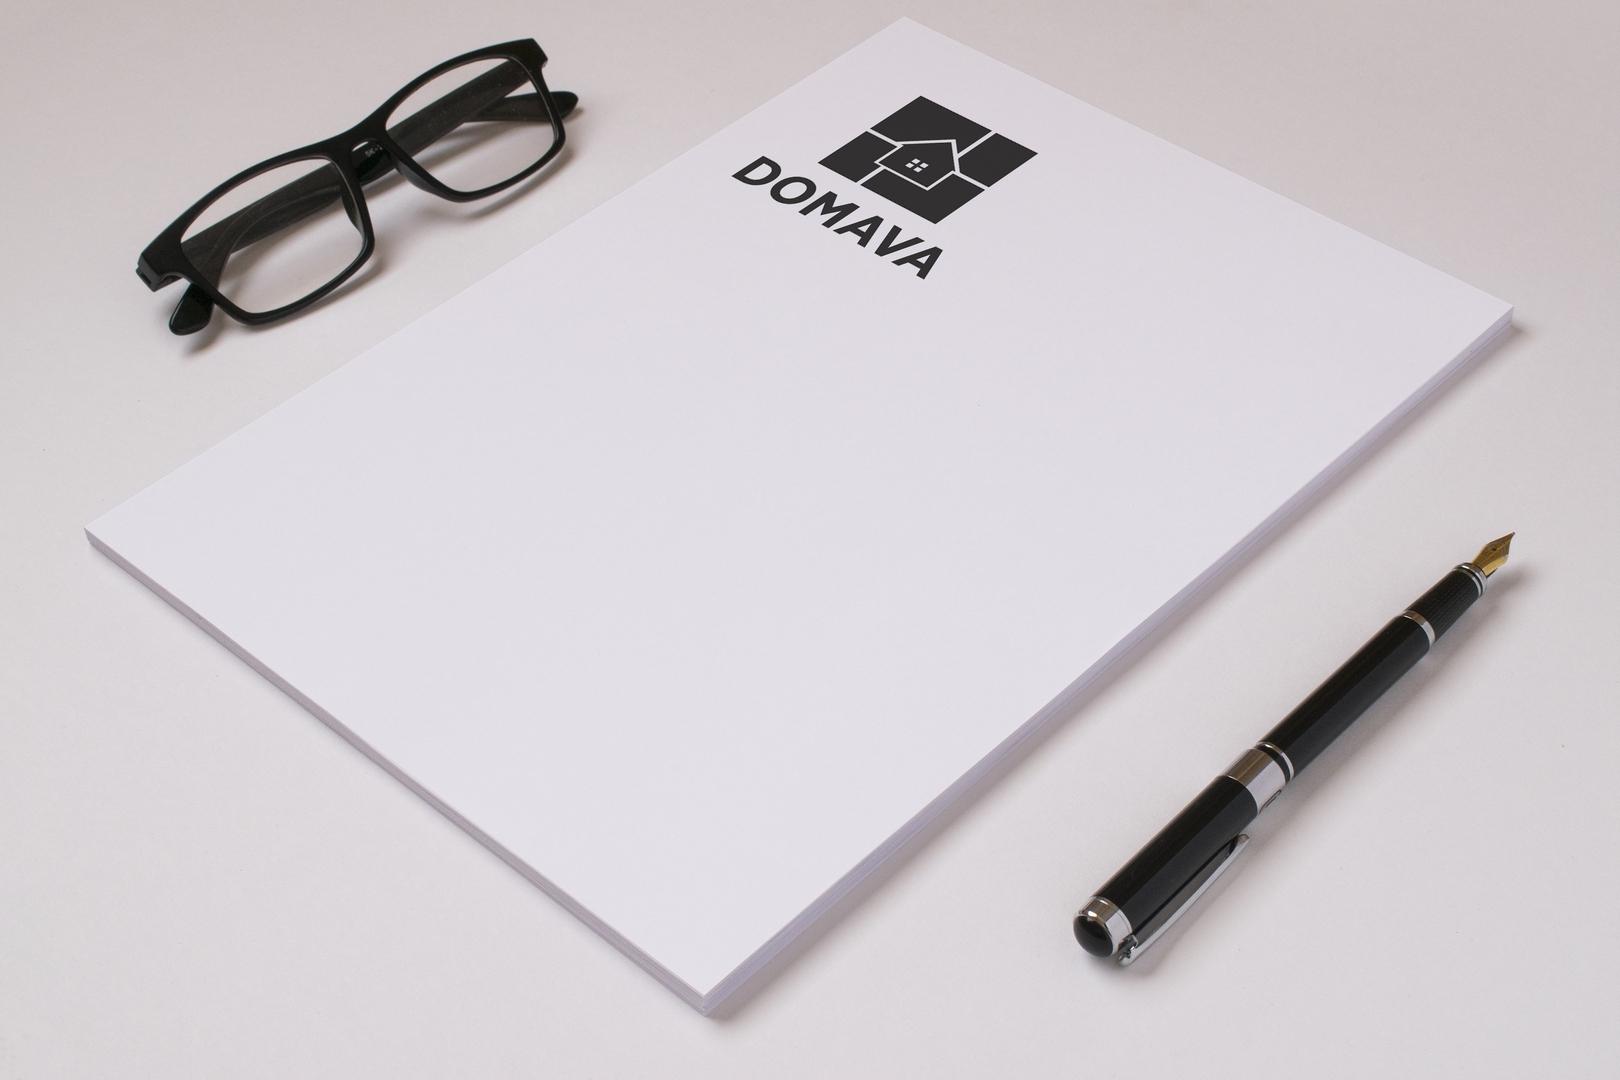 Разработка логотипа с паспортом стандартов фото f_3785b9f56a1edf96.jpg